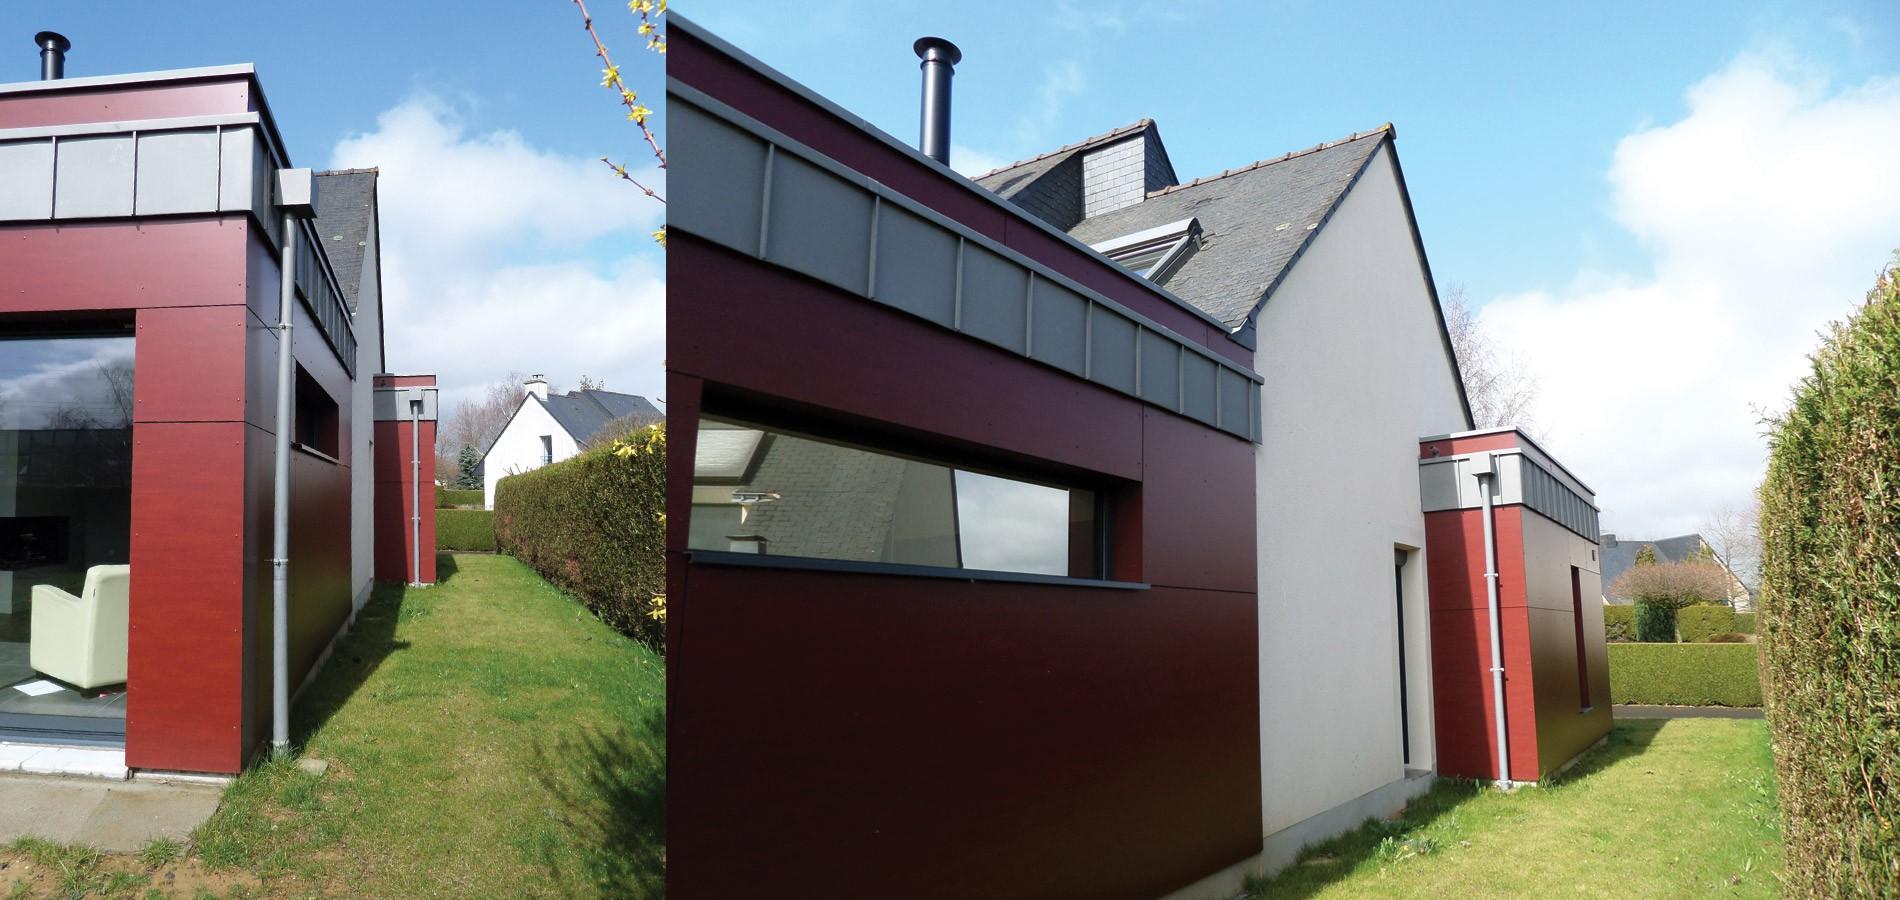 Saint gr goire extension bruno jouanny architecte for Extension maison 1900